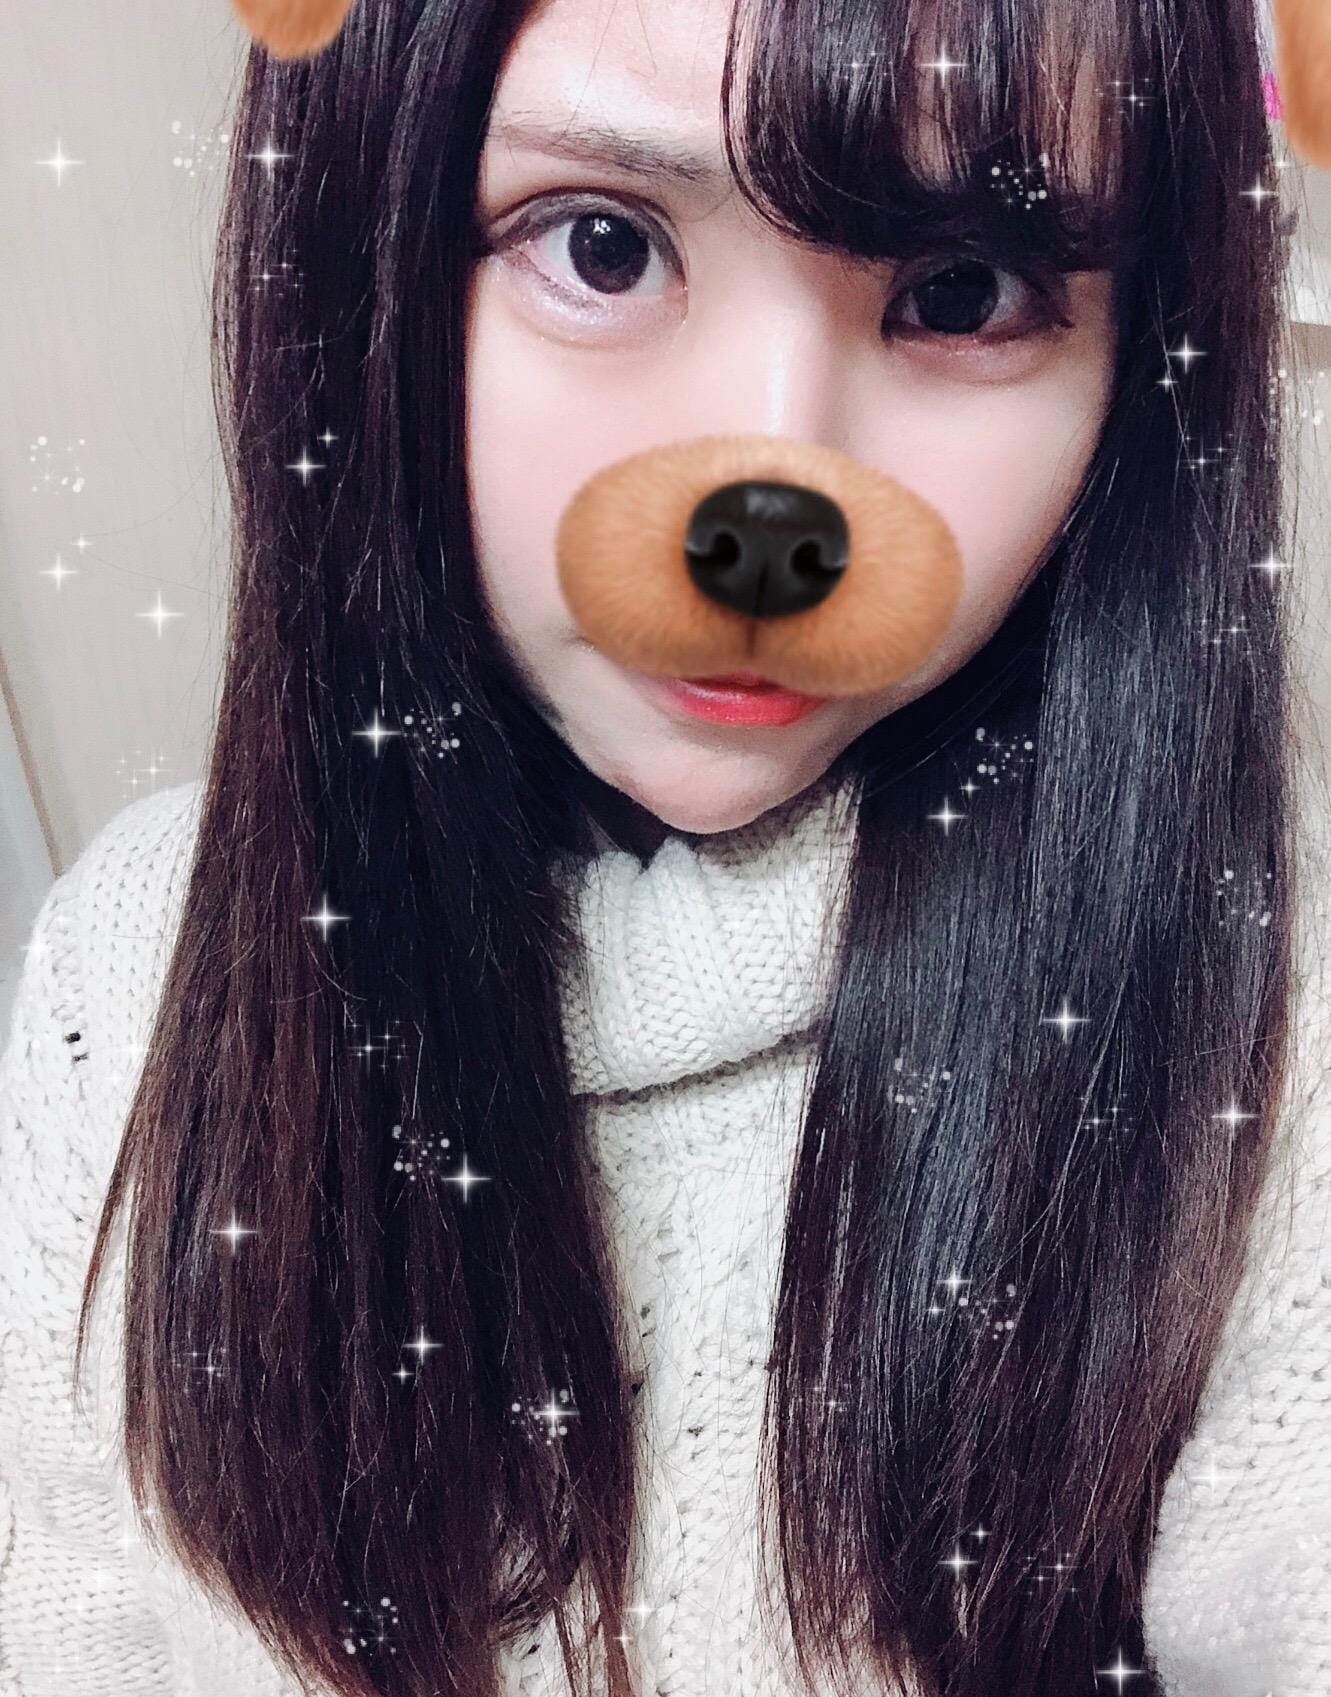 「こんばんわっ」12/11(火) 20:12   きららの写メ・風俗動画